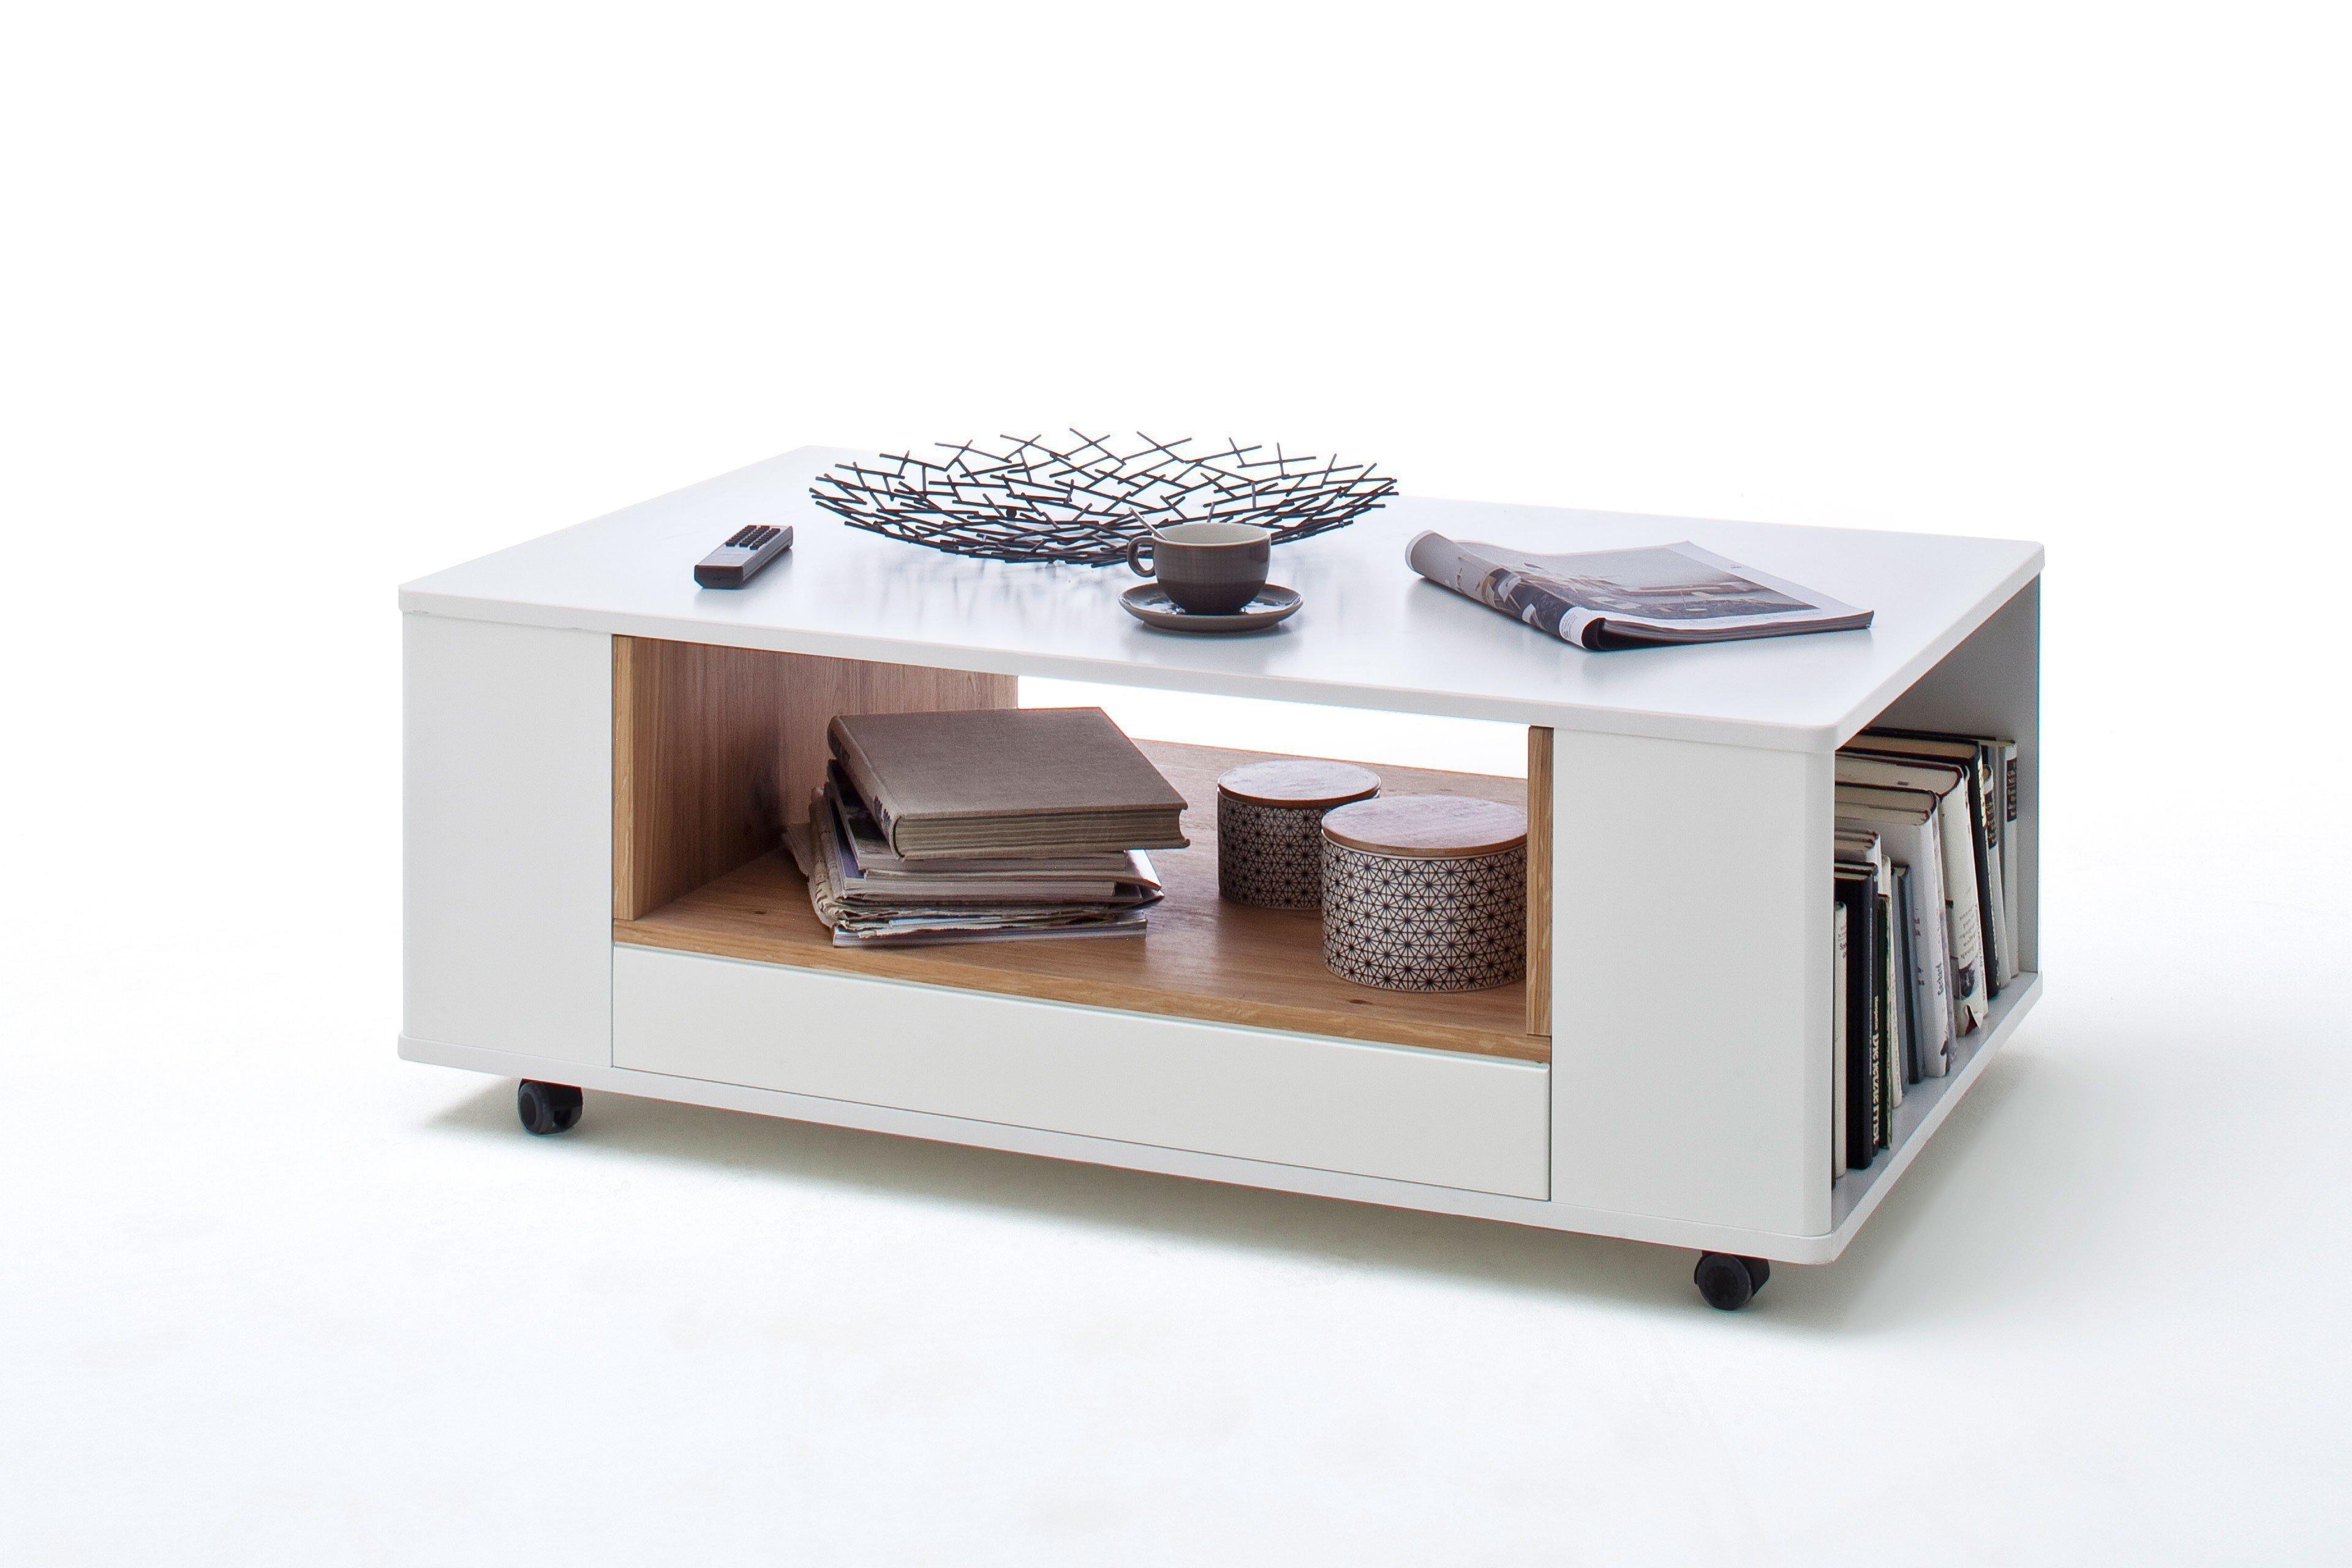 gnstige glastische gallery of good tv tisch board mit rollen glastisch led tisch glas kein ikea. Black Bedroom Furniture Sets. Home Design Ideas